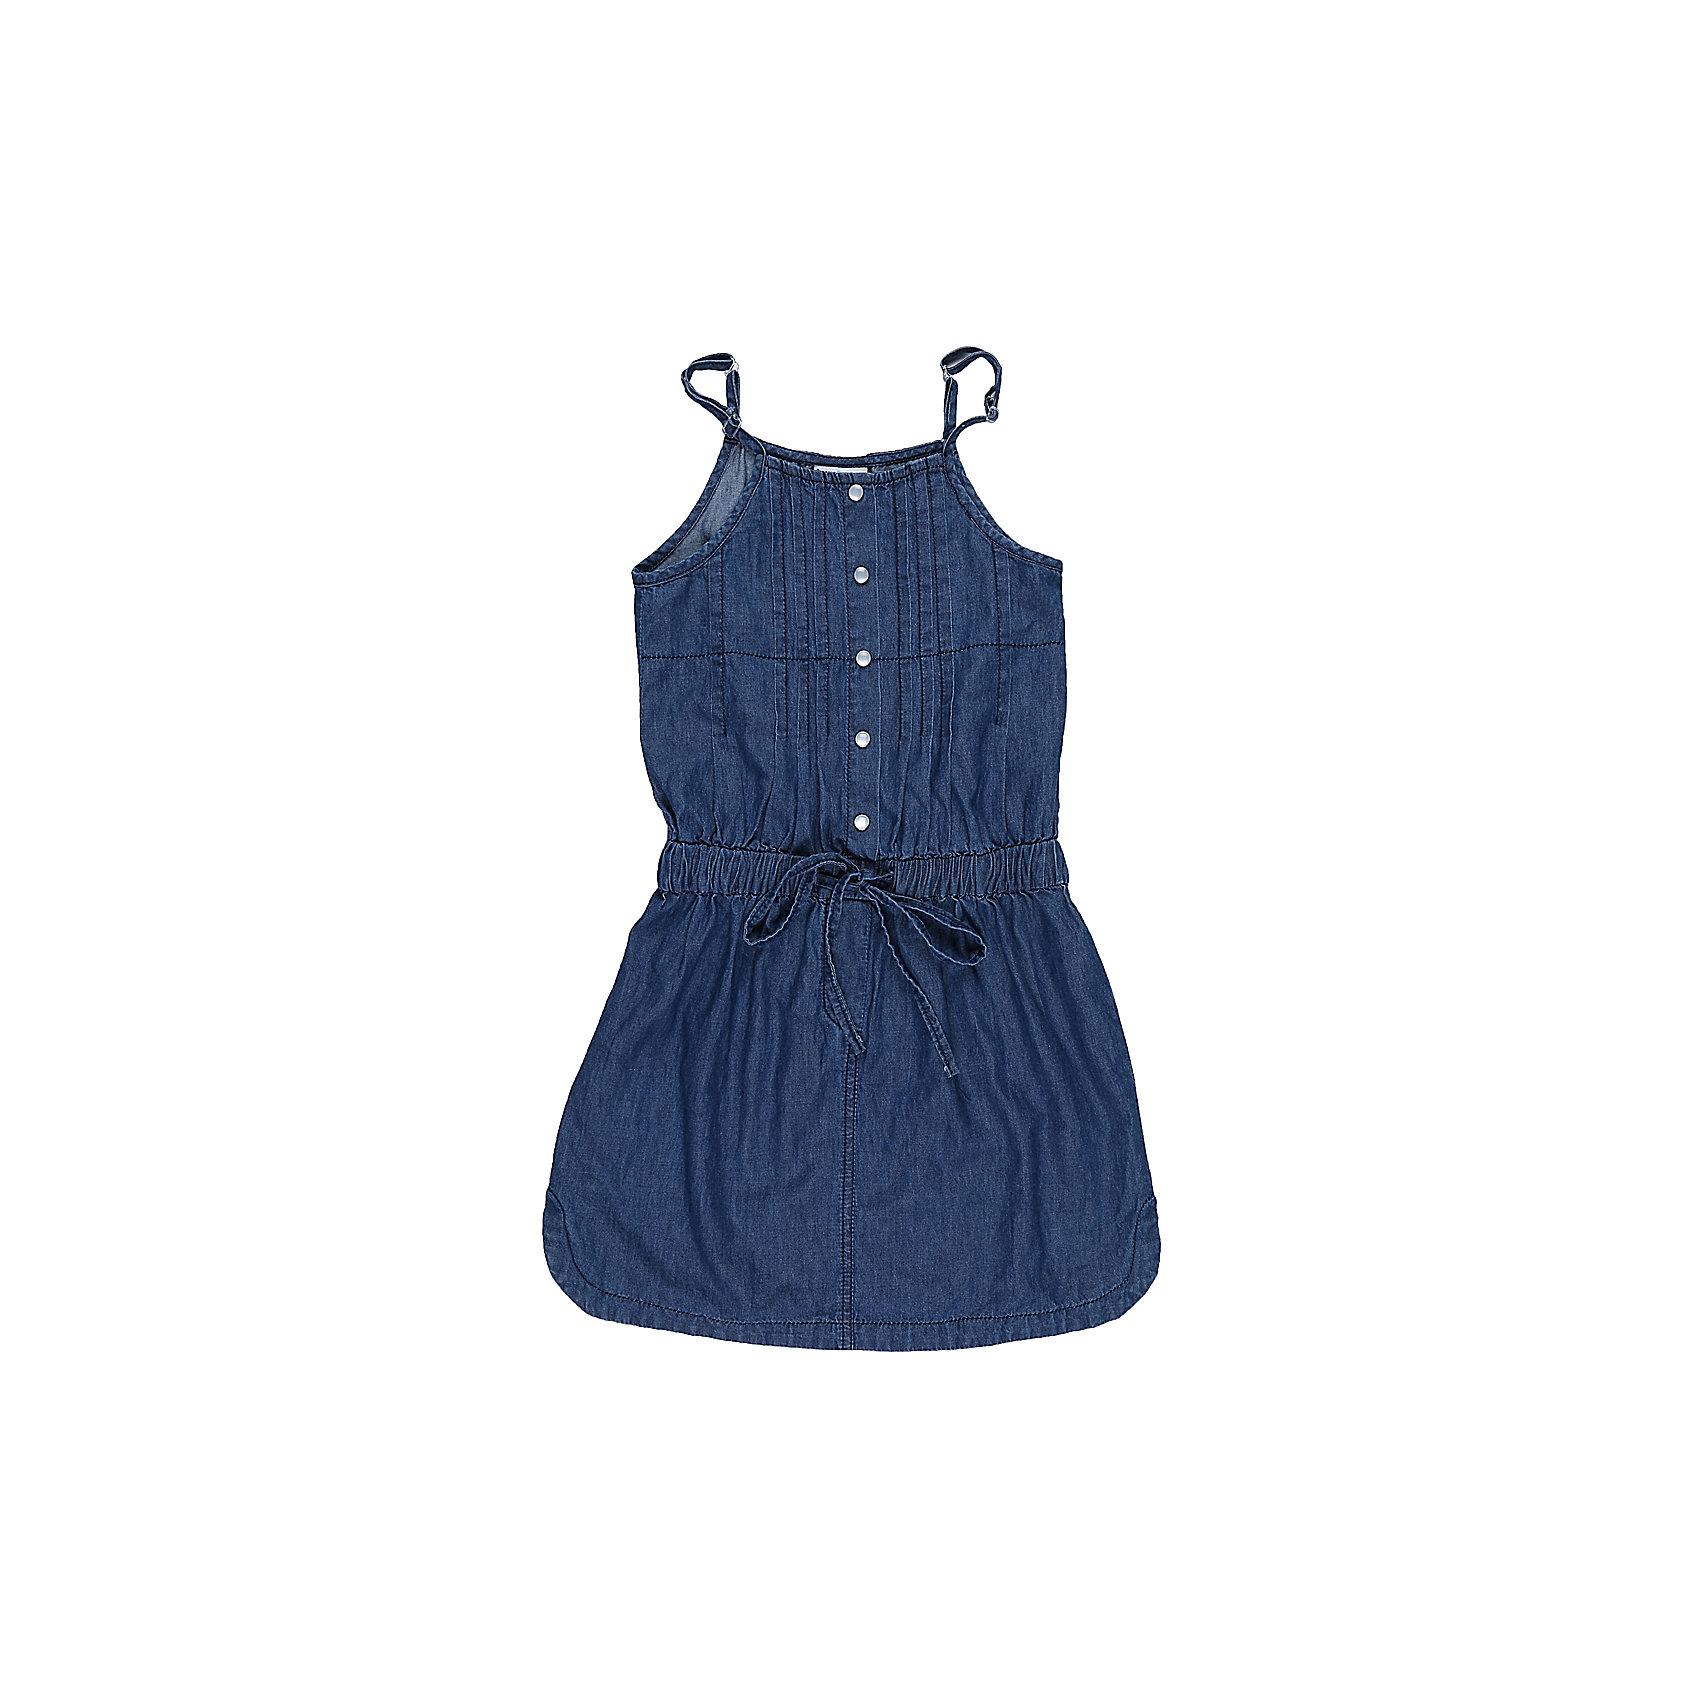 Сарафан джинсовый для девочки LuminosoДжинсовая одежда<br>Текстильный сарафан для девочки из тонкой хлопковой ткани под джинсу на регулируемых бретелях.<br>Состав:<br>100%хлопок<br><br>Ширина мм: 236<br>Глубина мм: 16<br>Высота мм: 184<br>Вес г: 177<br>Цвет: синий<br>Возраст от месяцев: 96<br>Возраст до месяцев: 108<br>Пол: Женский<br>Возраст: Детский<br>Размер: 134,140,146,152,158,164<br>SKU: 5413452